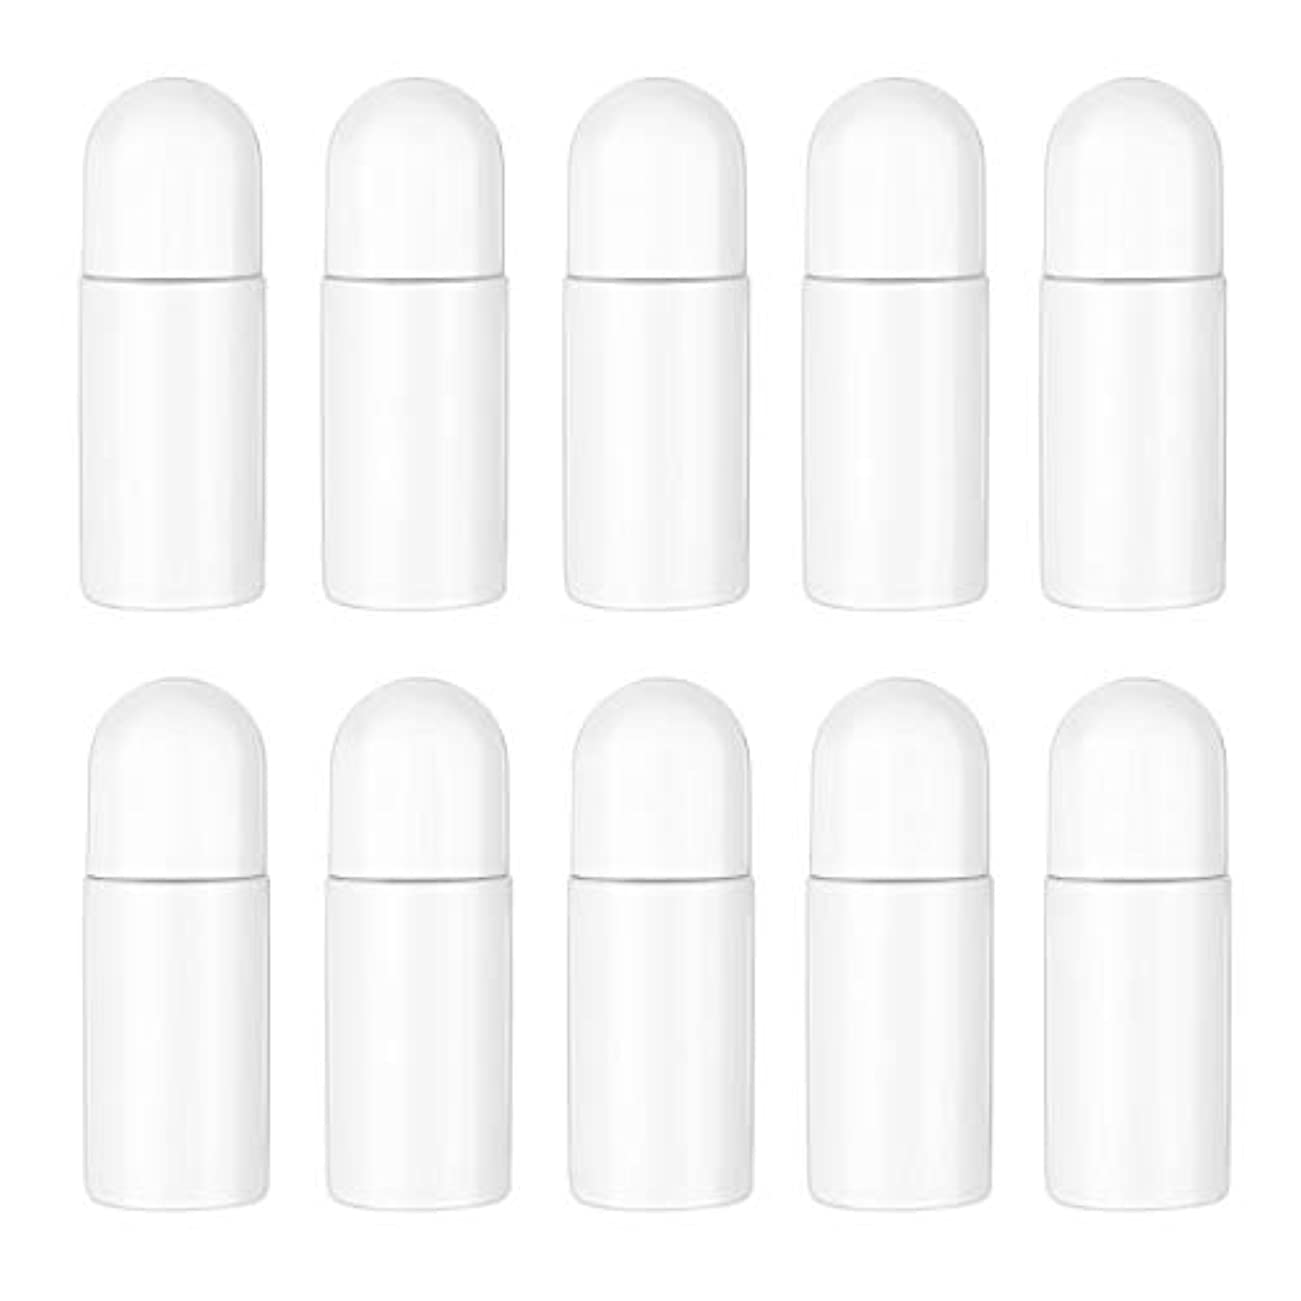 獣炭水化物タイルHealifty エッセンシャルオイル香水化粧品50 ml(白)の10ピースプラスチックローラーボトル空の詰め替え可能なローラーボールボトル